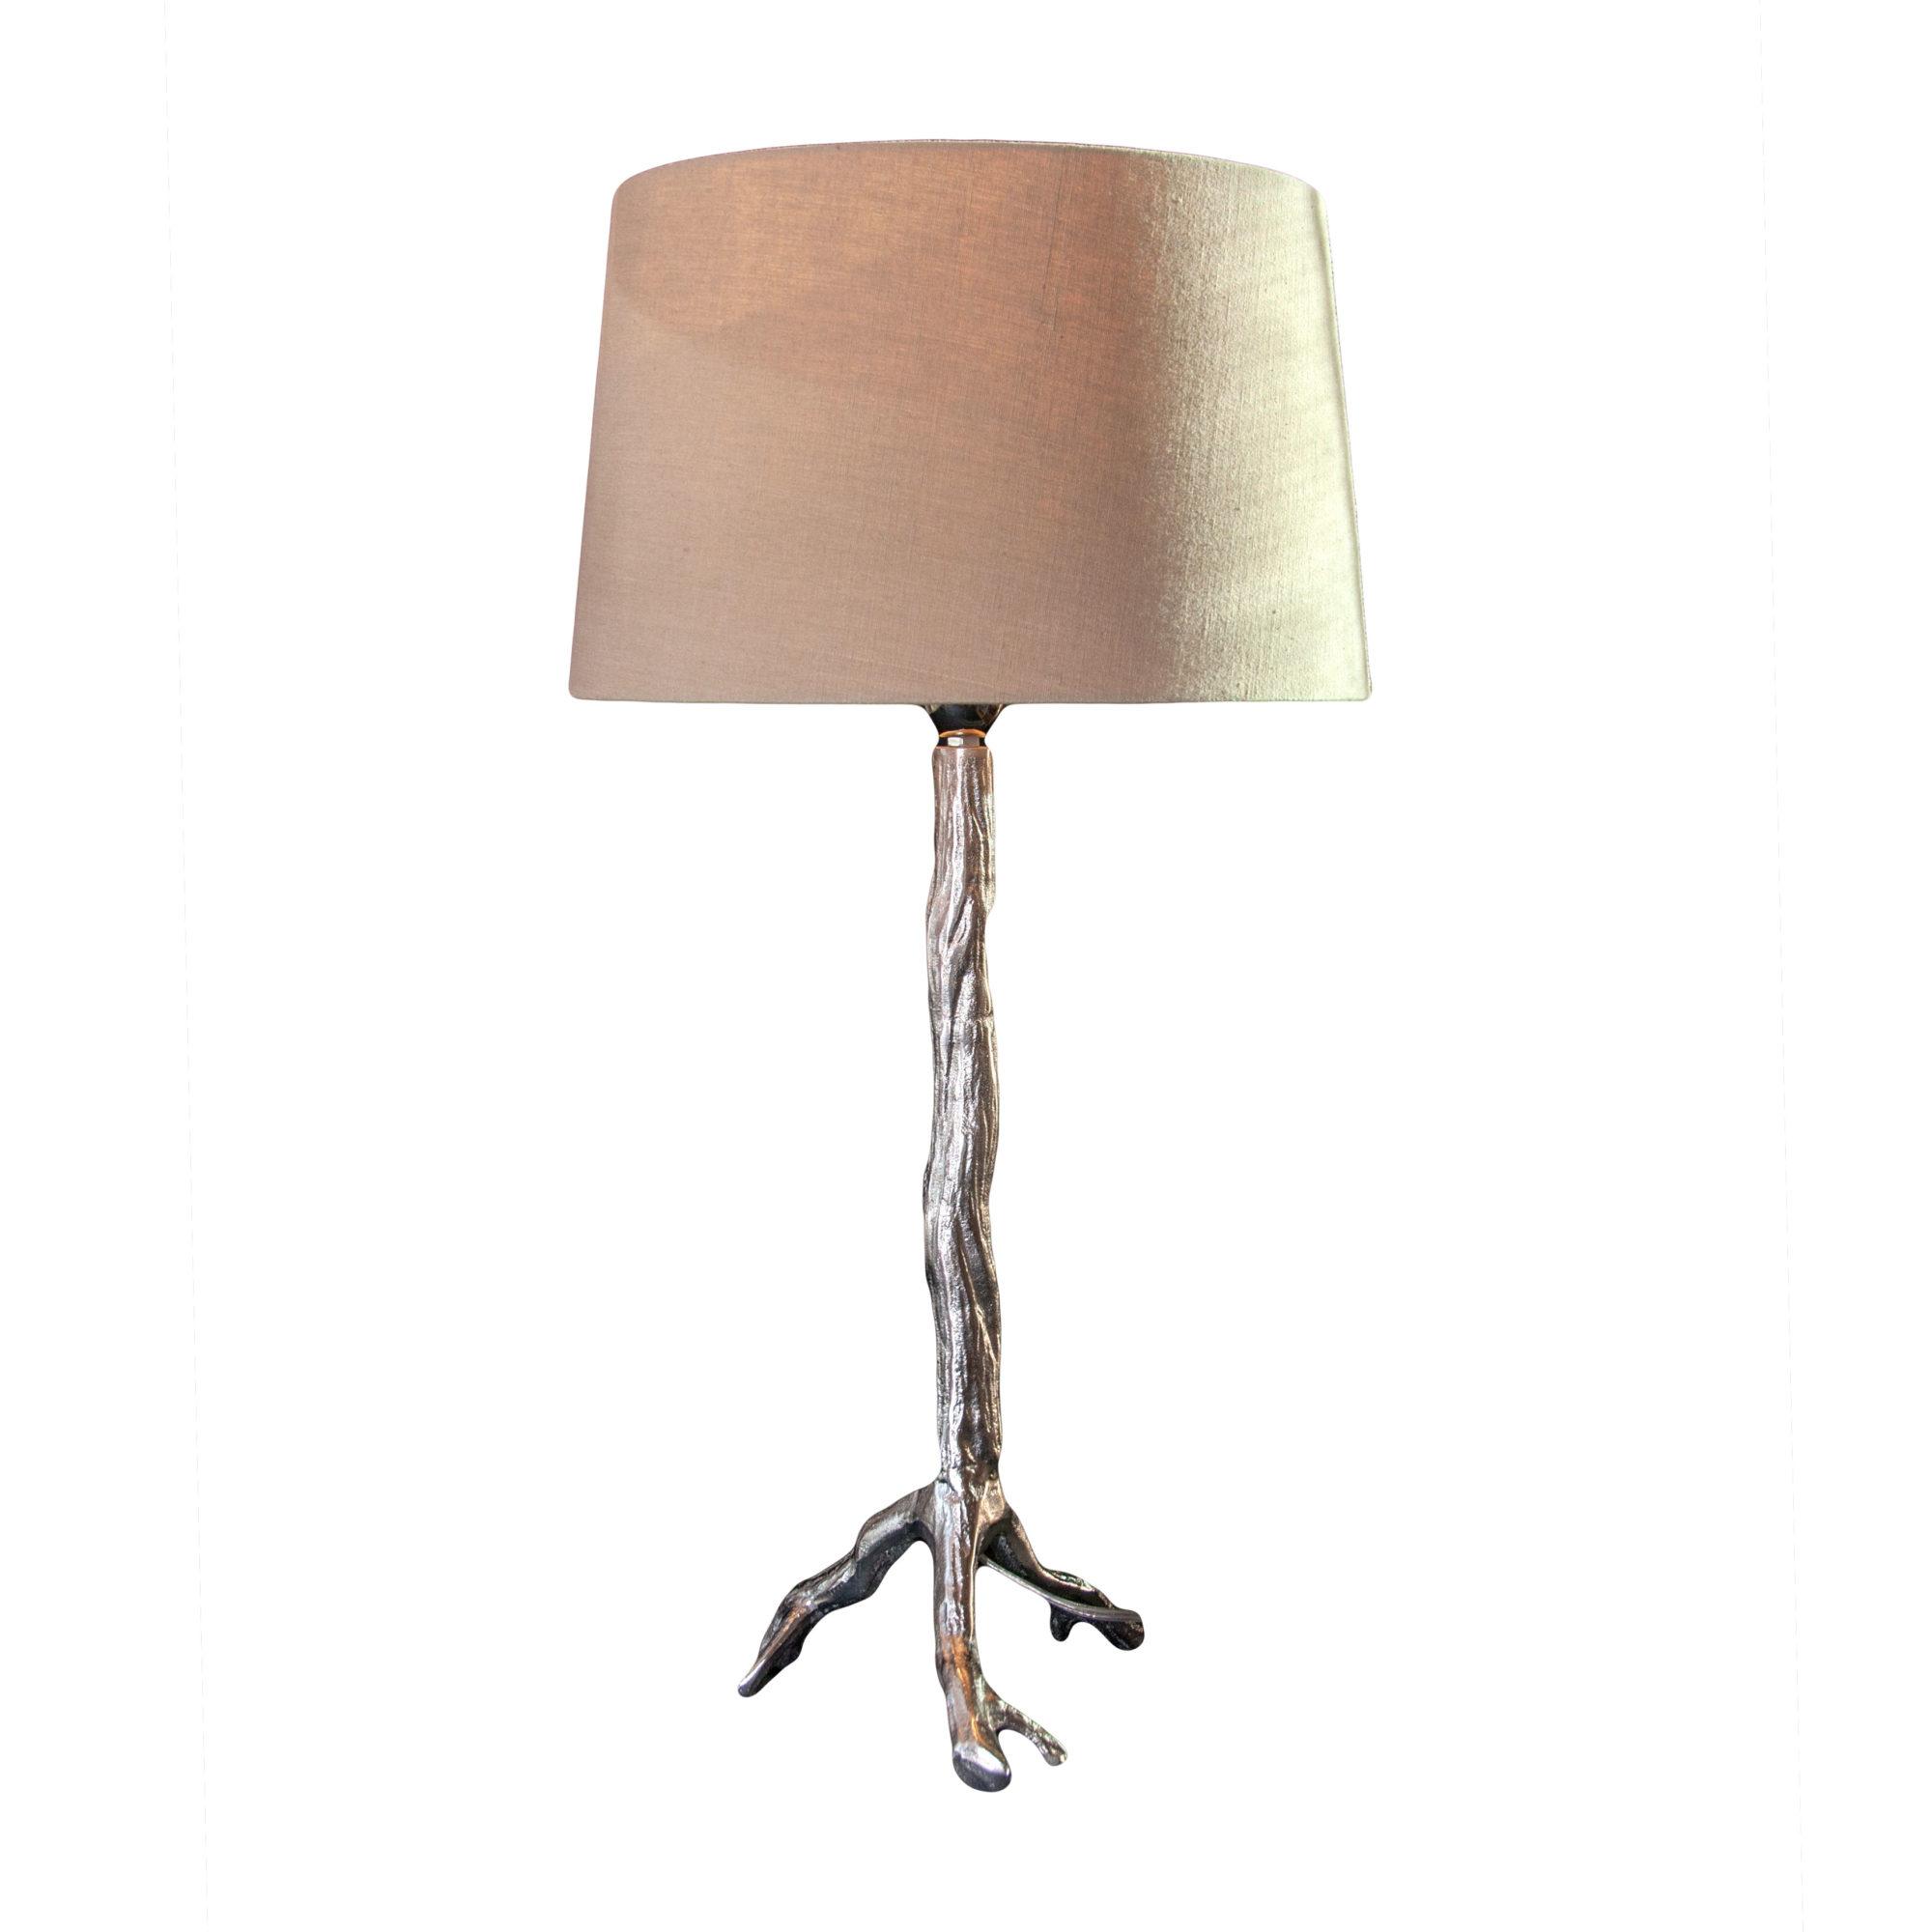 Twig Lamp nickel twig lamp base - baker rhodes